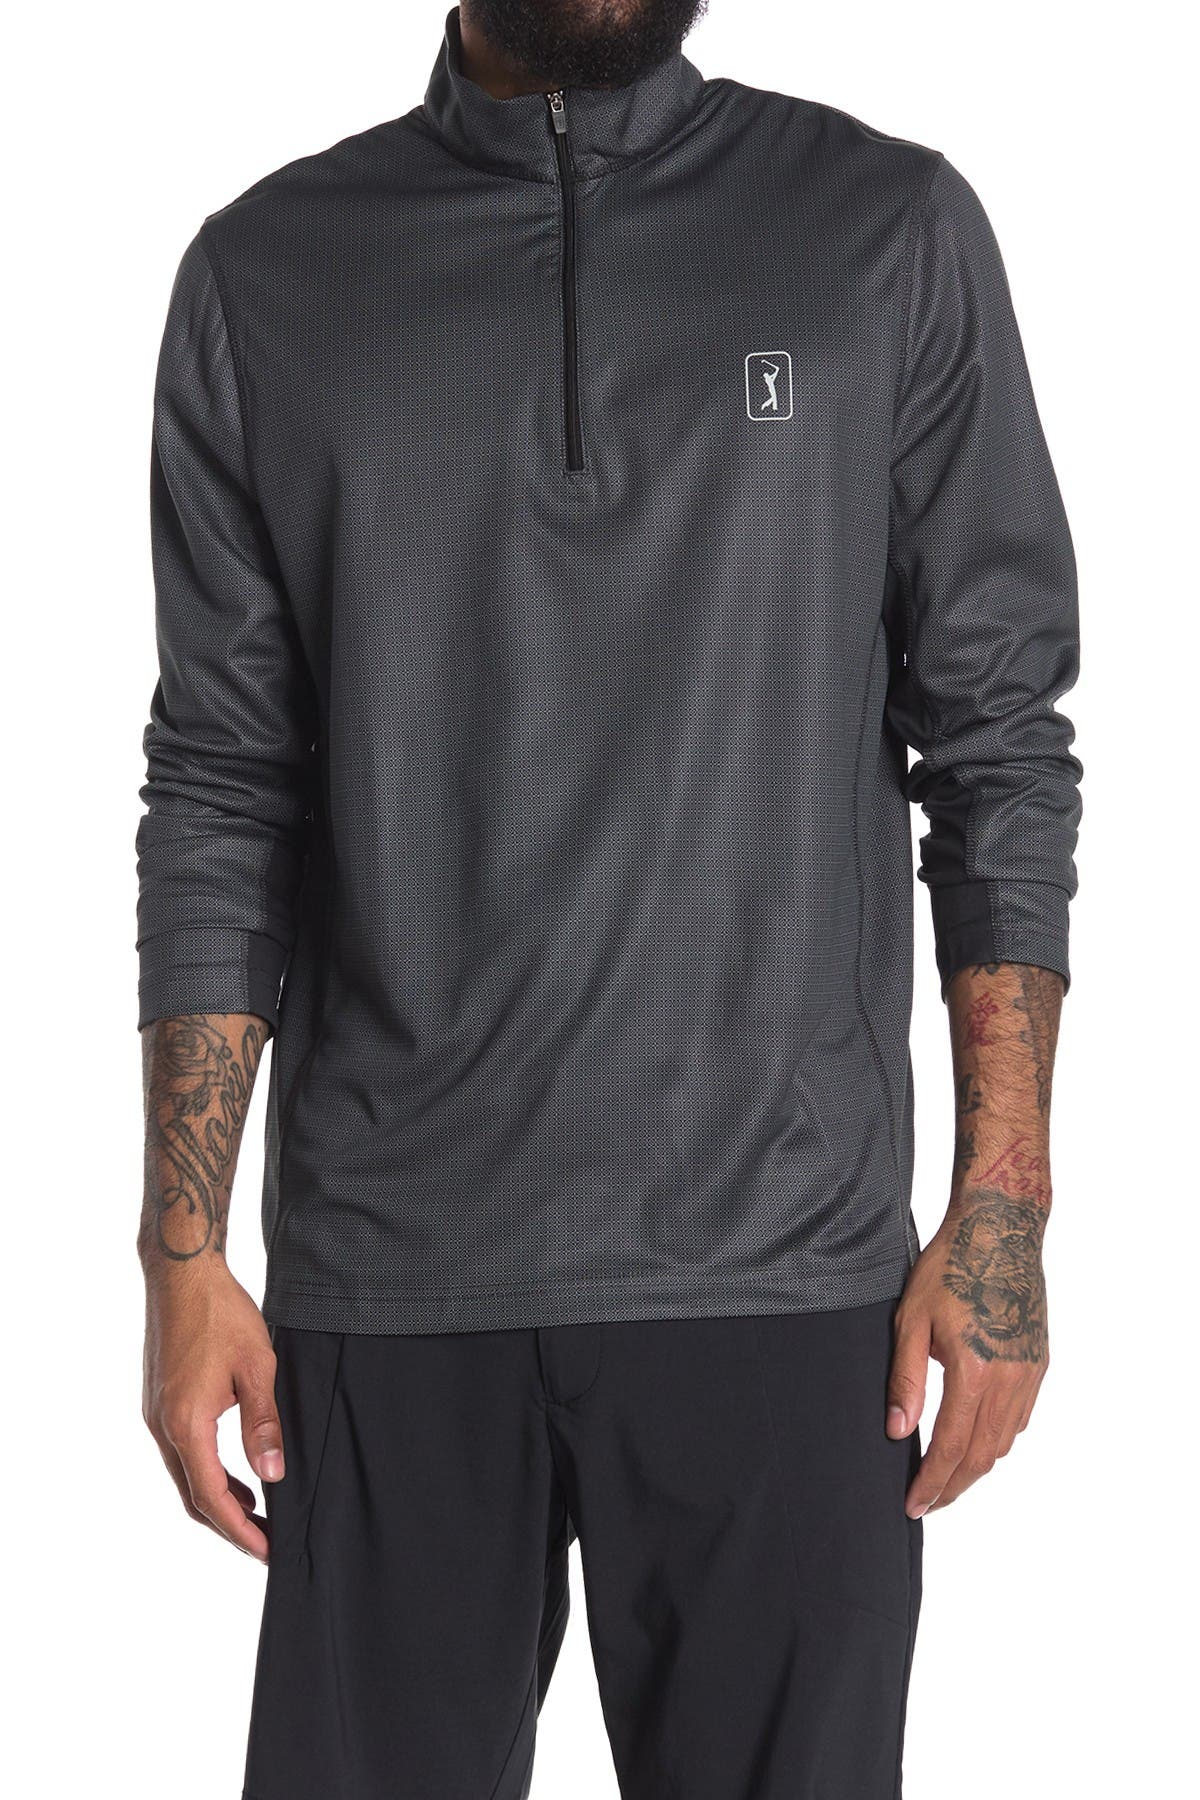 Image of PGA TOUR Printed Quarter Zip Pullover